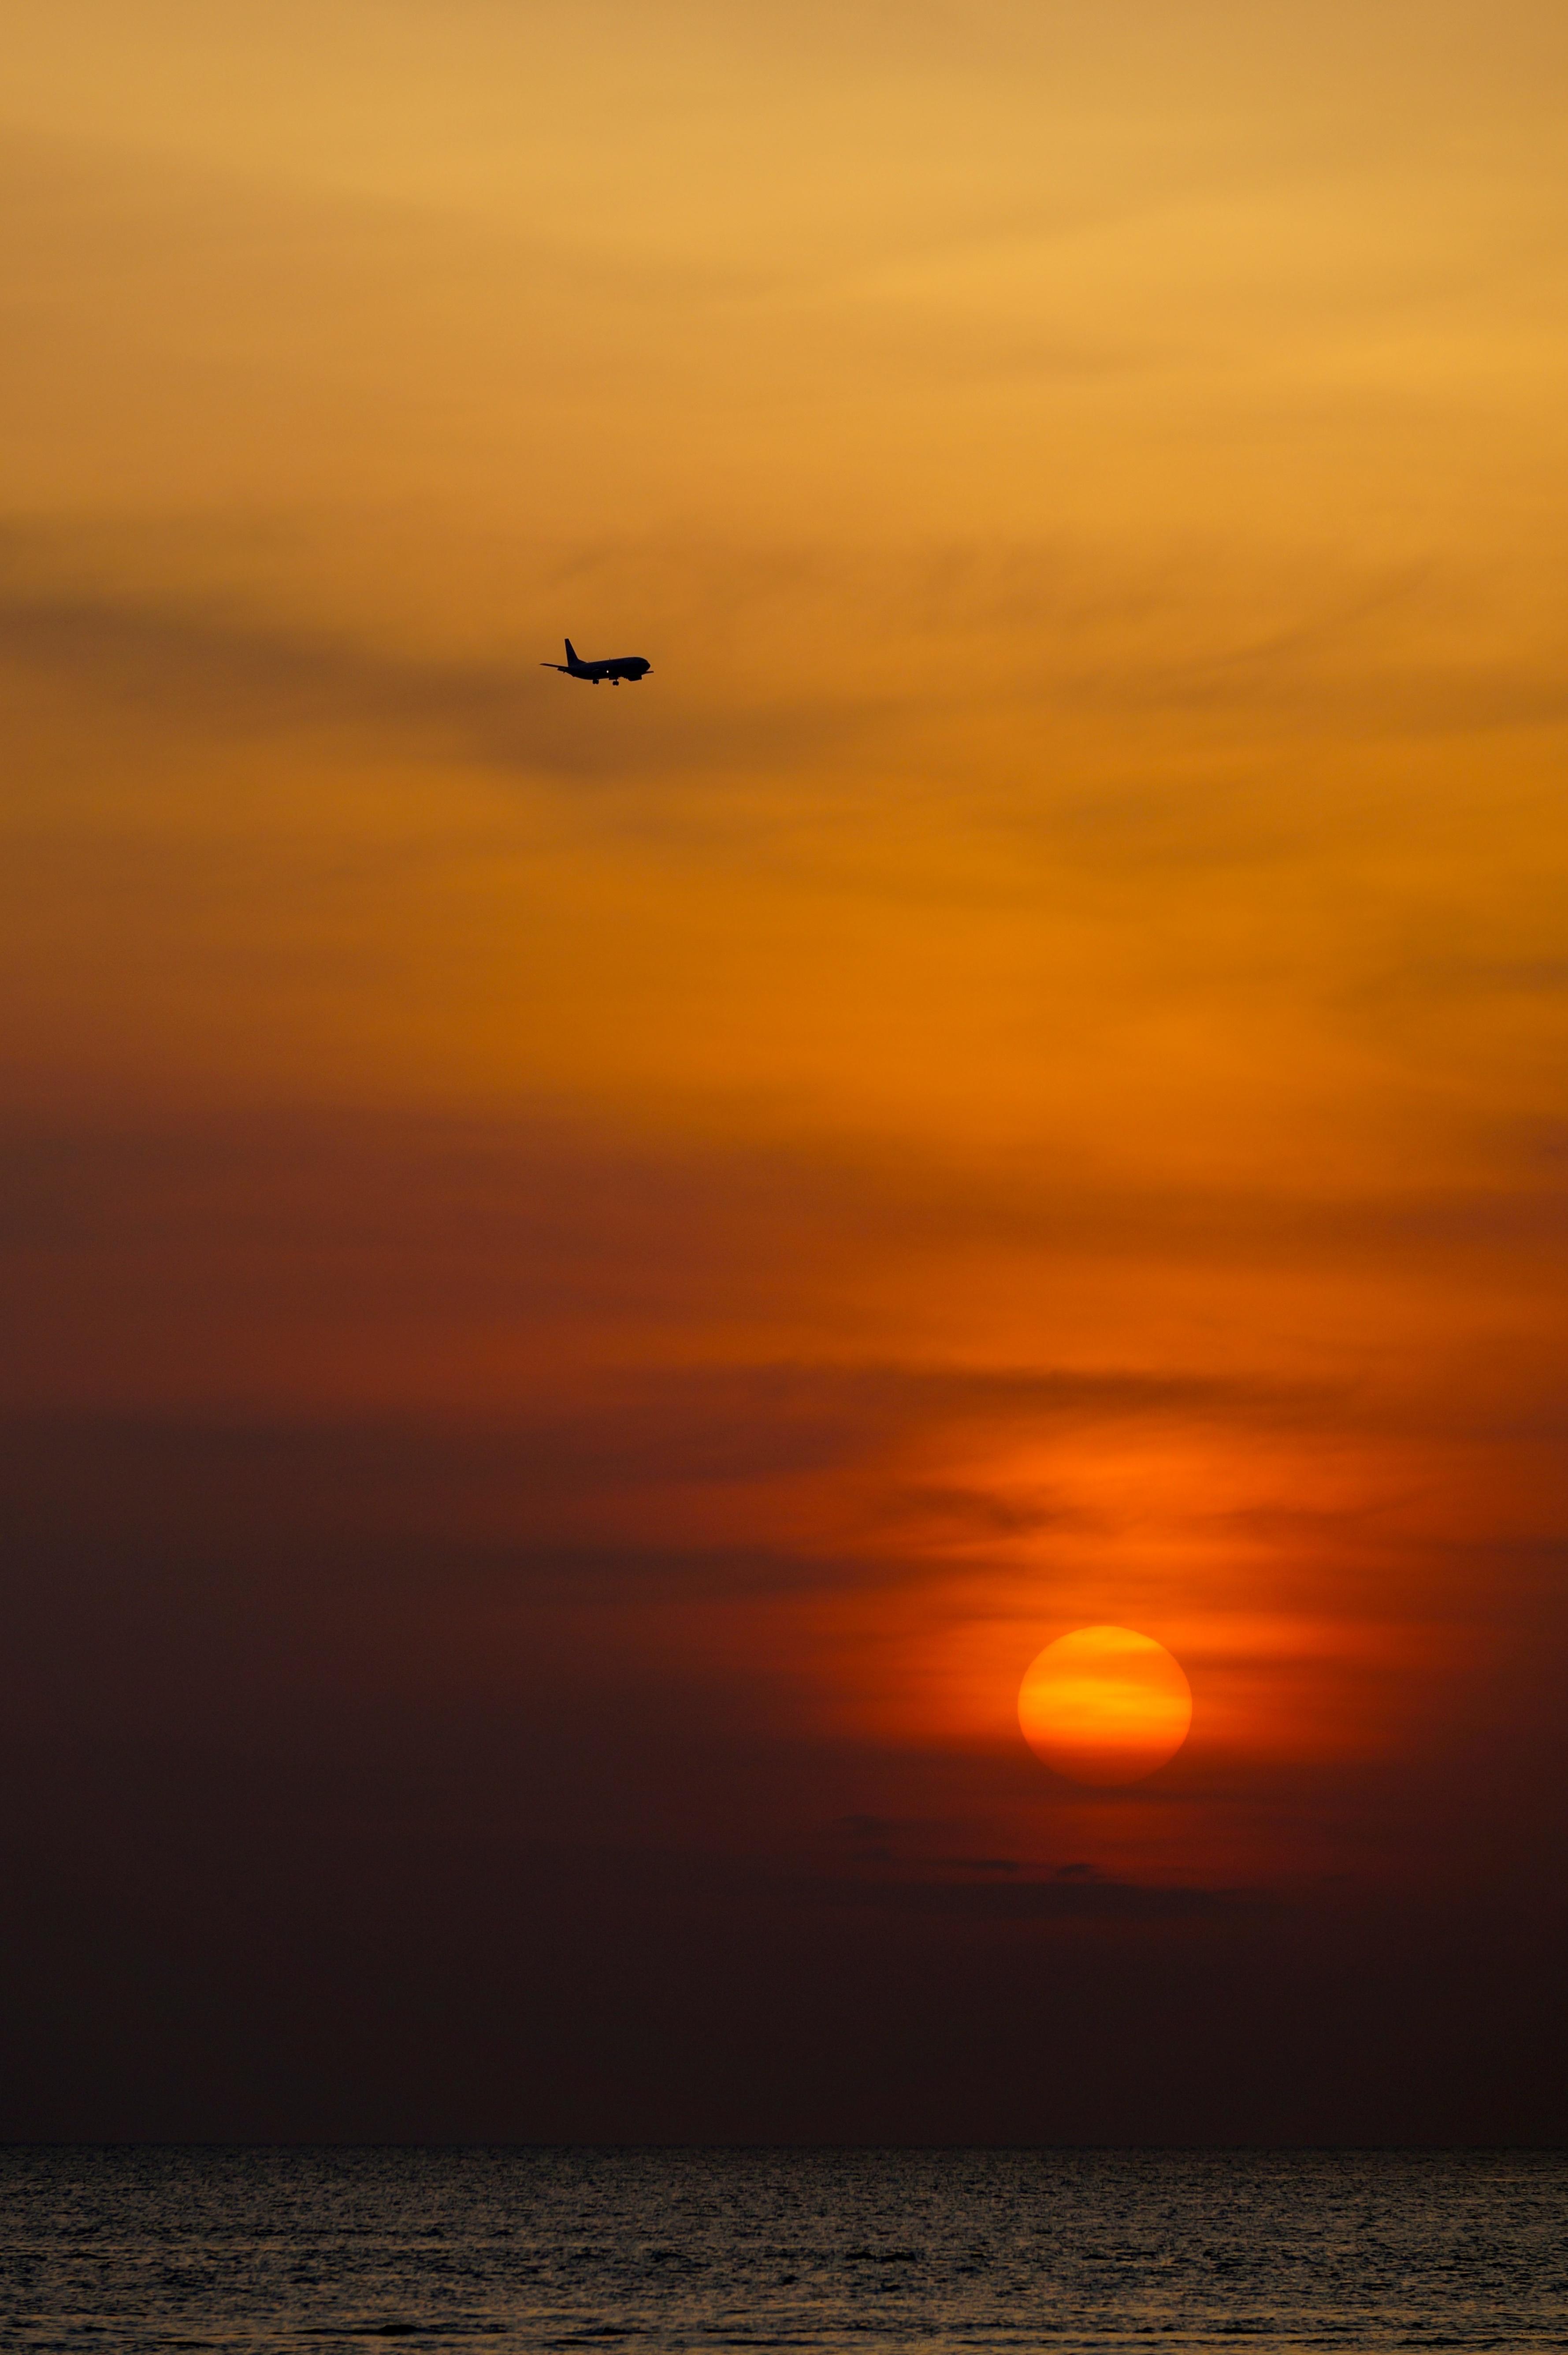 157903 скачать обои Природа, Закат, Самолет, Горизонт, Солнце - заставки и картинки бесплатно